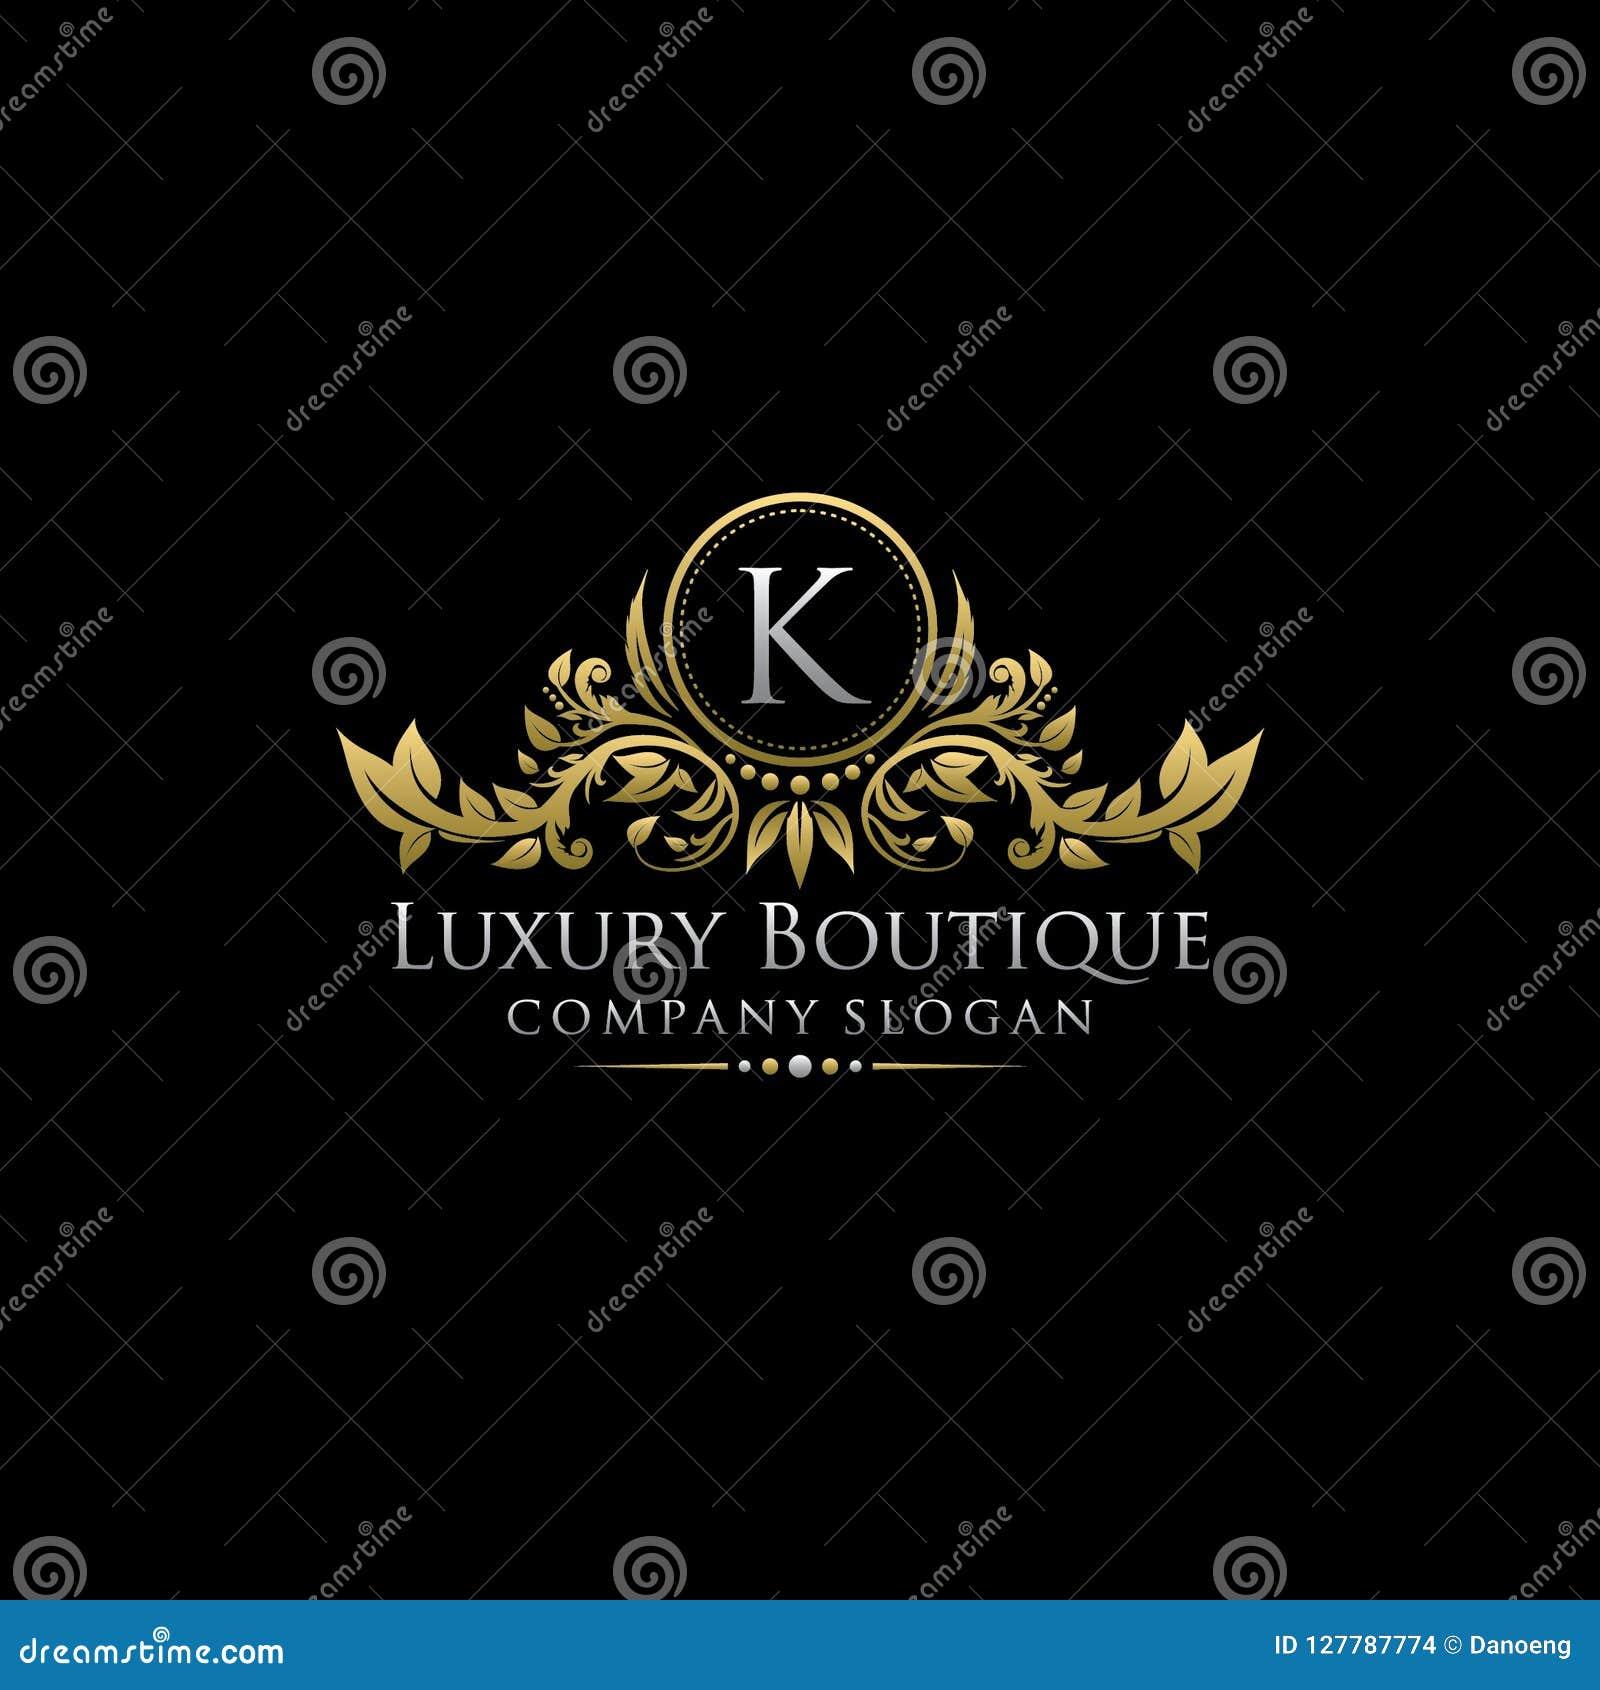 Χρυσό βασιλικό λογότυπο επιστολών μπουτίκ Κ πολυτέλειας